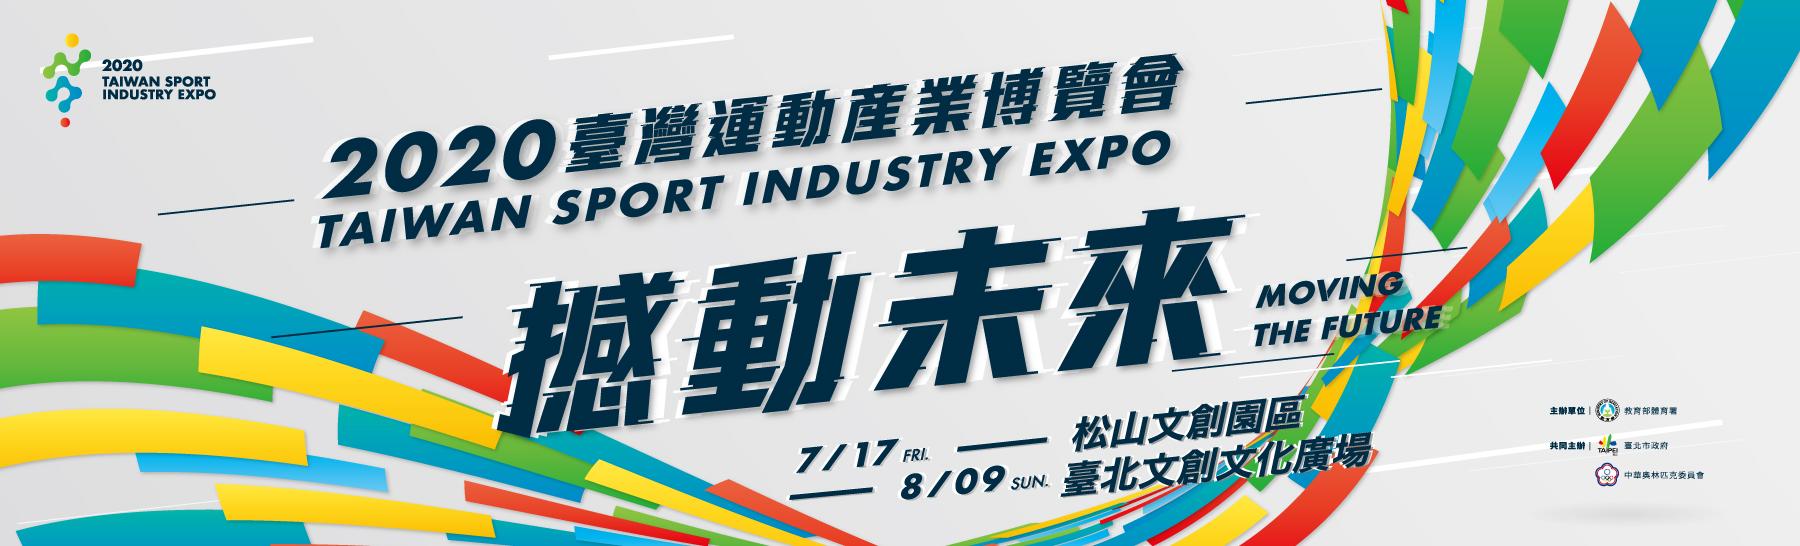 2020臺灣運動產業博覽會